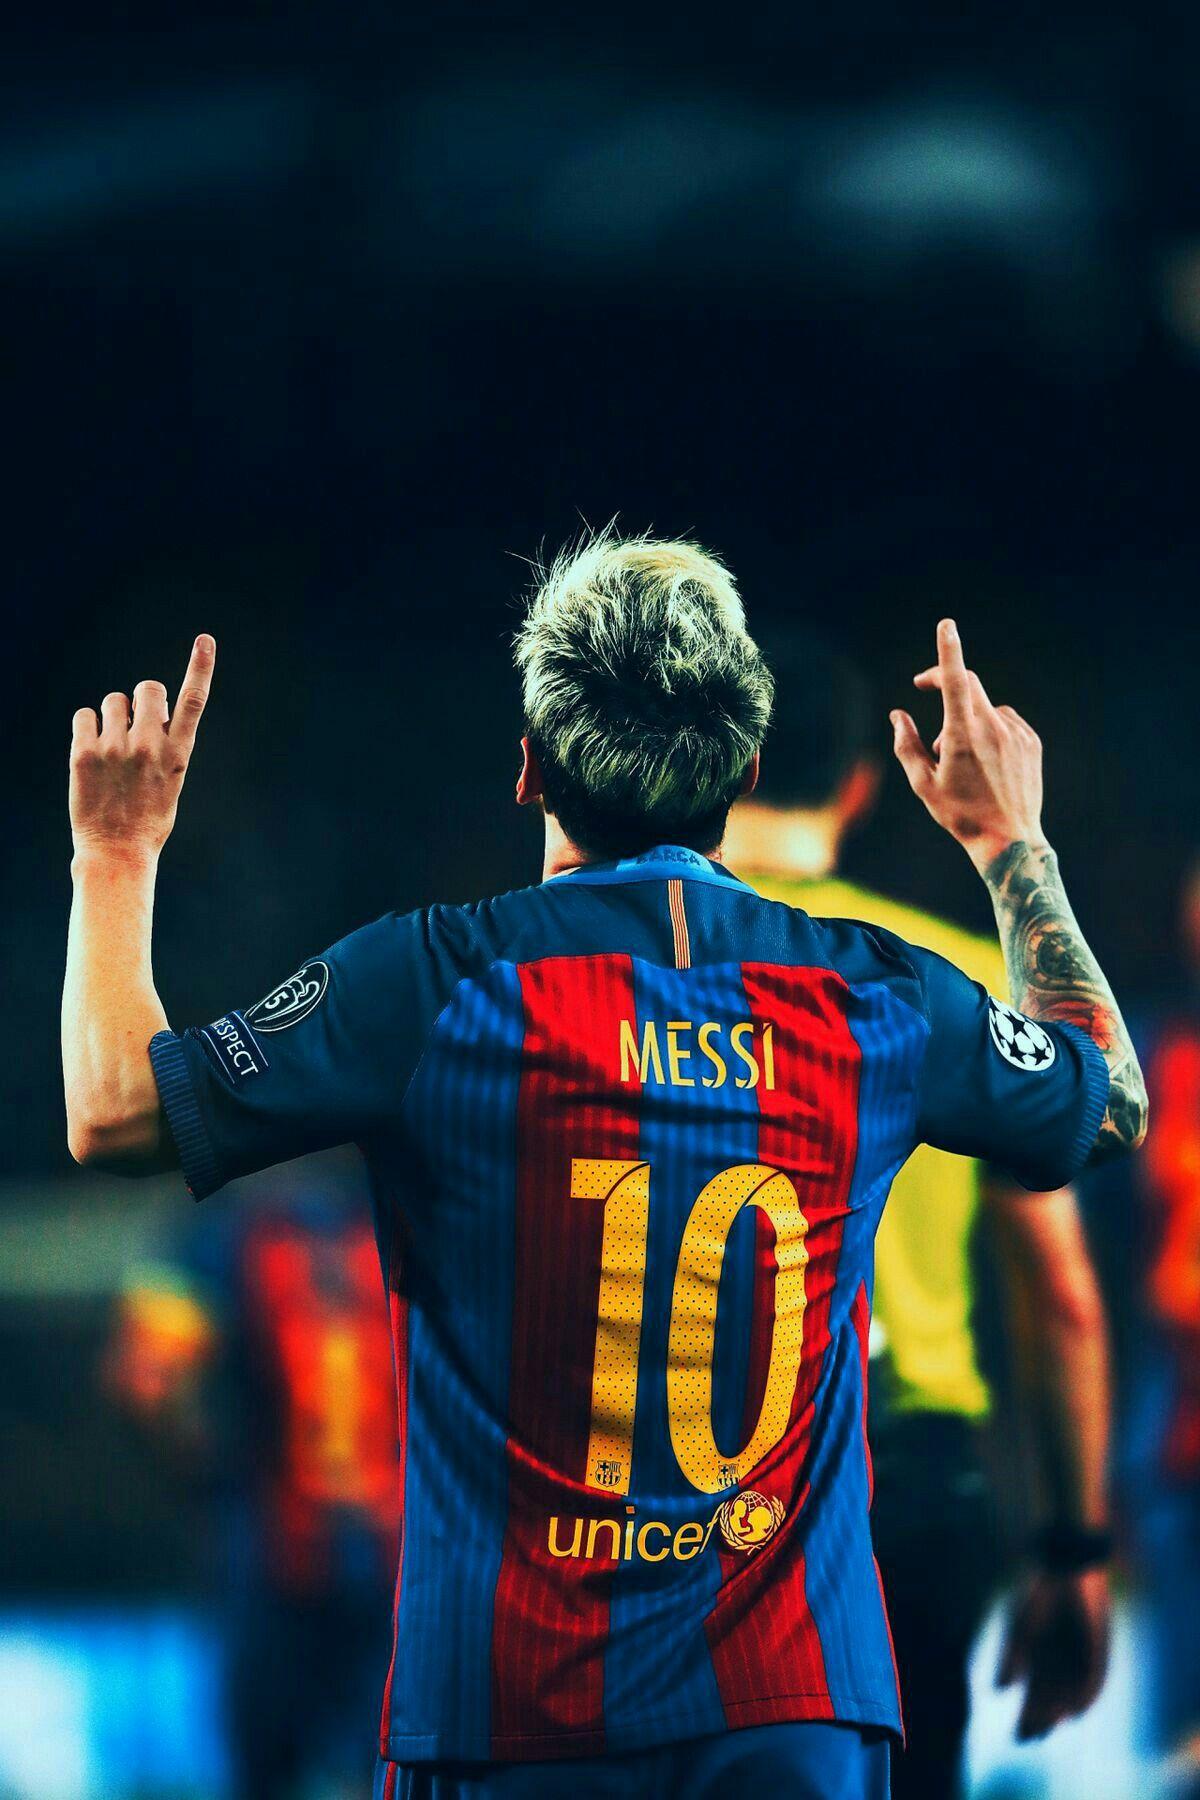 Pin de Estefano Arrobo en messi el crak Messi, Fotos de